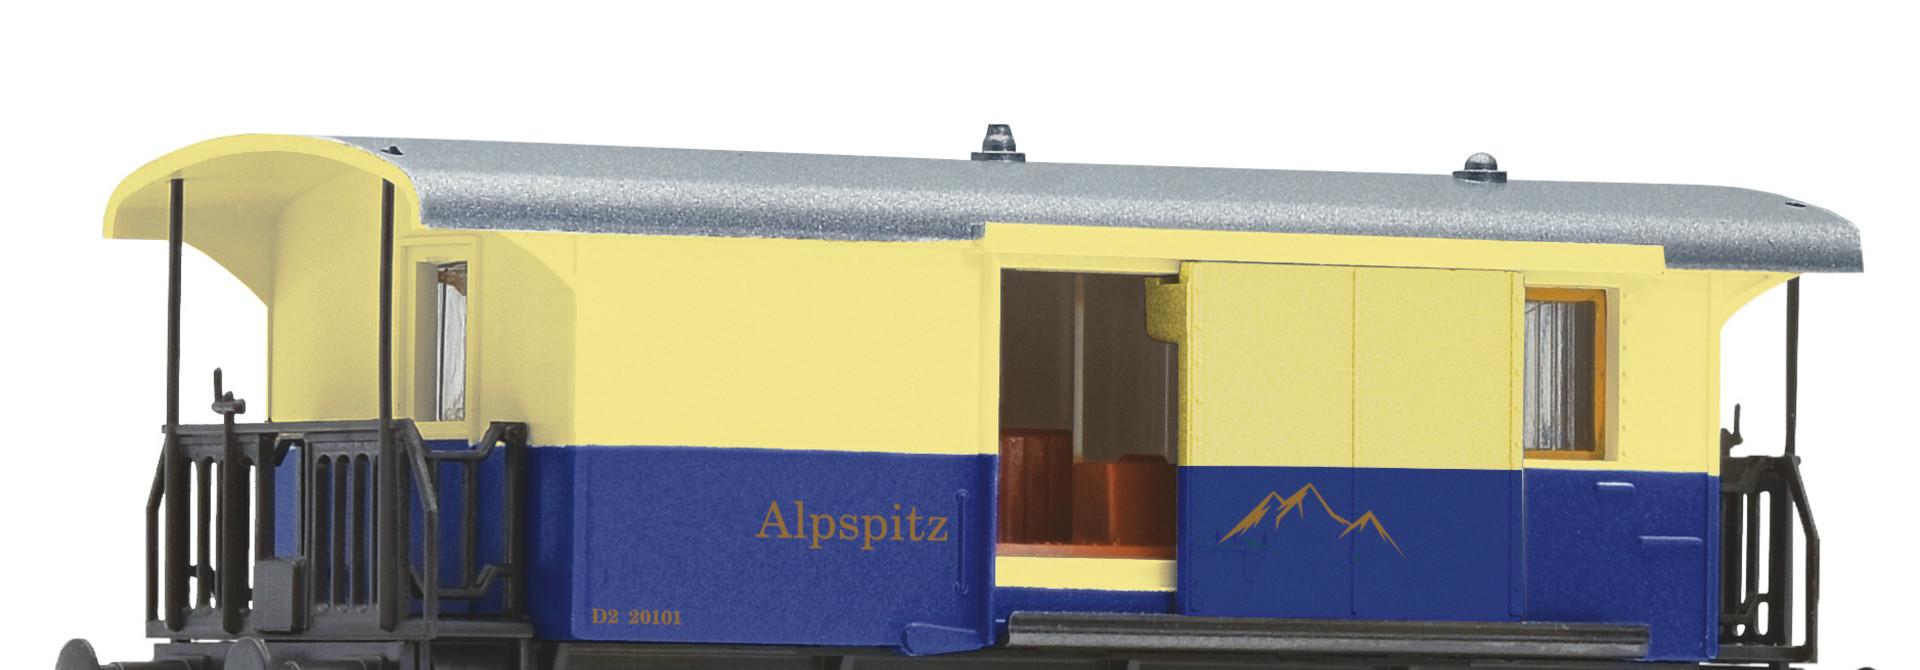 805402 Gepäckwagen Zahnradbahn